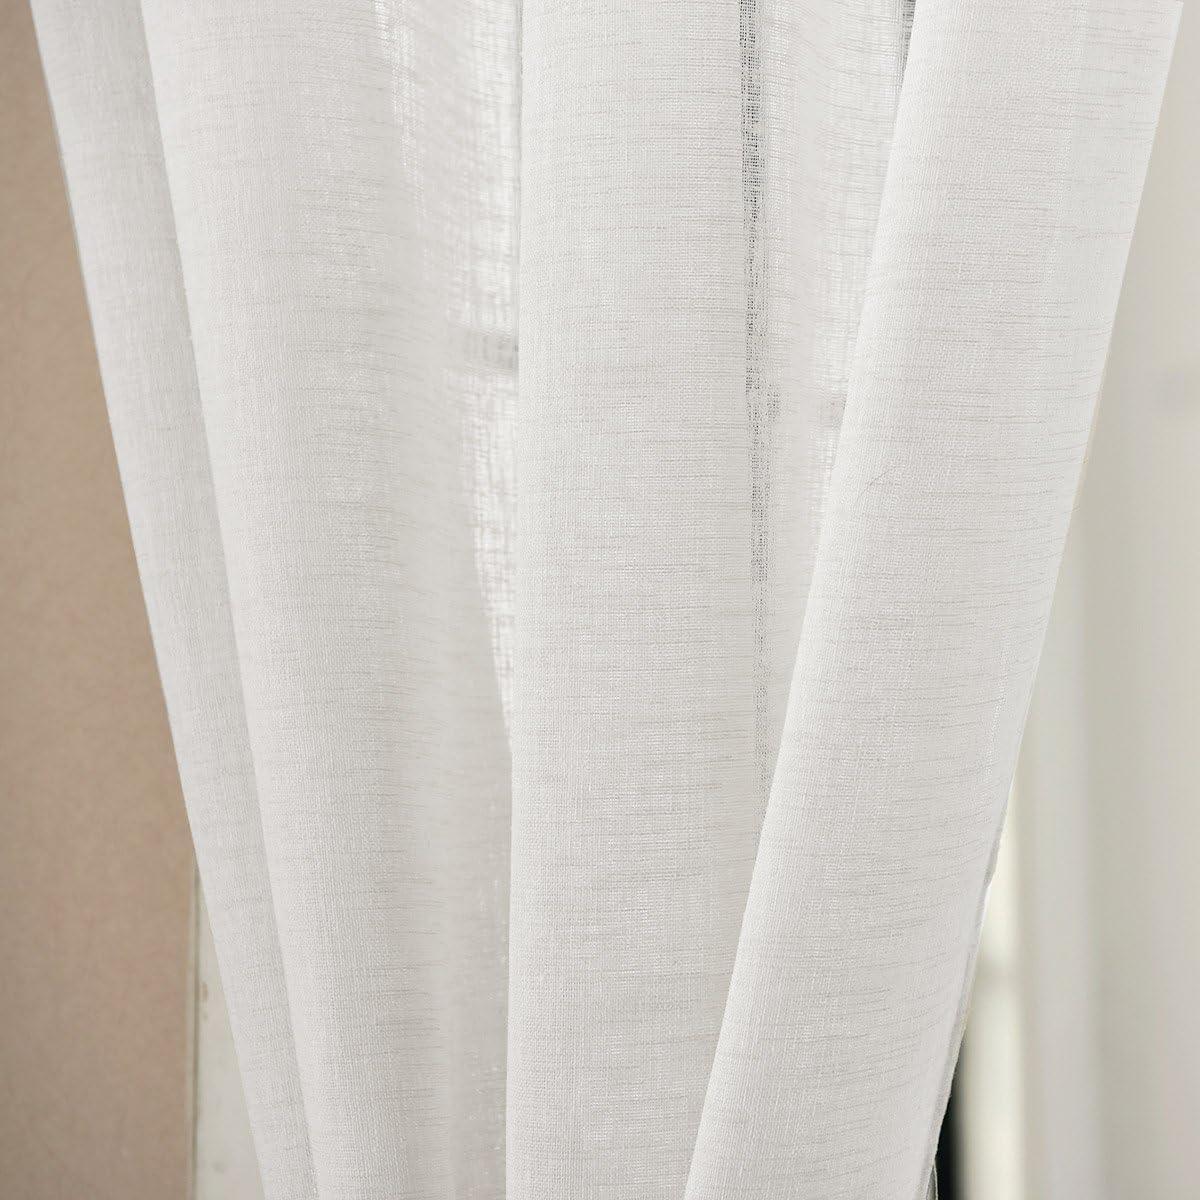 Transmission de la lumi/ère 140 x 175 cm Sable Laneetal 1pc Rideau Voilage en Aspect Lin avec Ruban de Curling pour Salon Chambre Fen/être